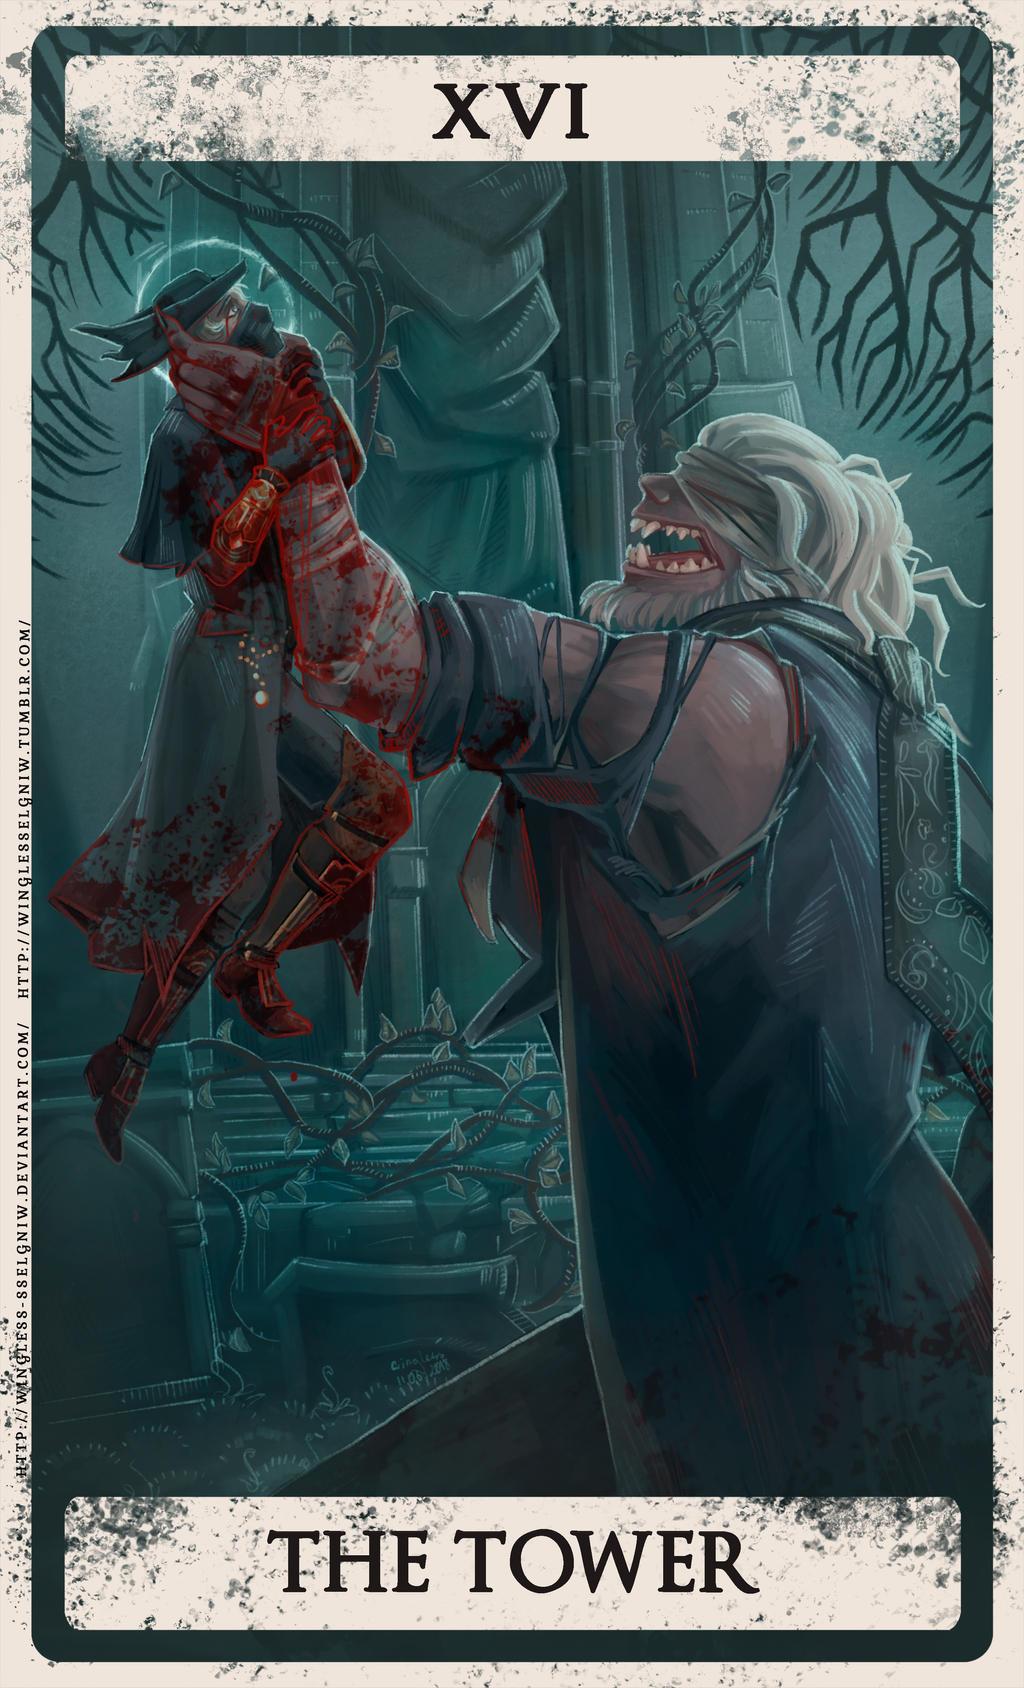 Bloodborne tarot XVI by Wingless-sselgniW